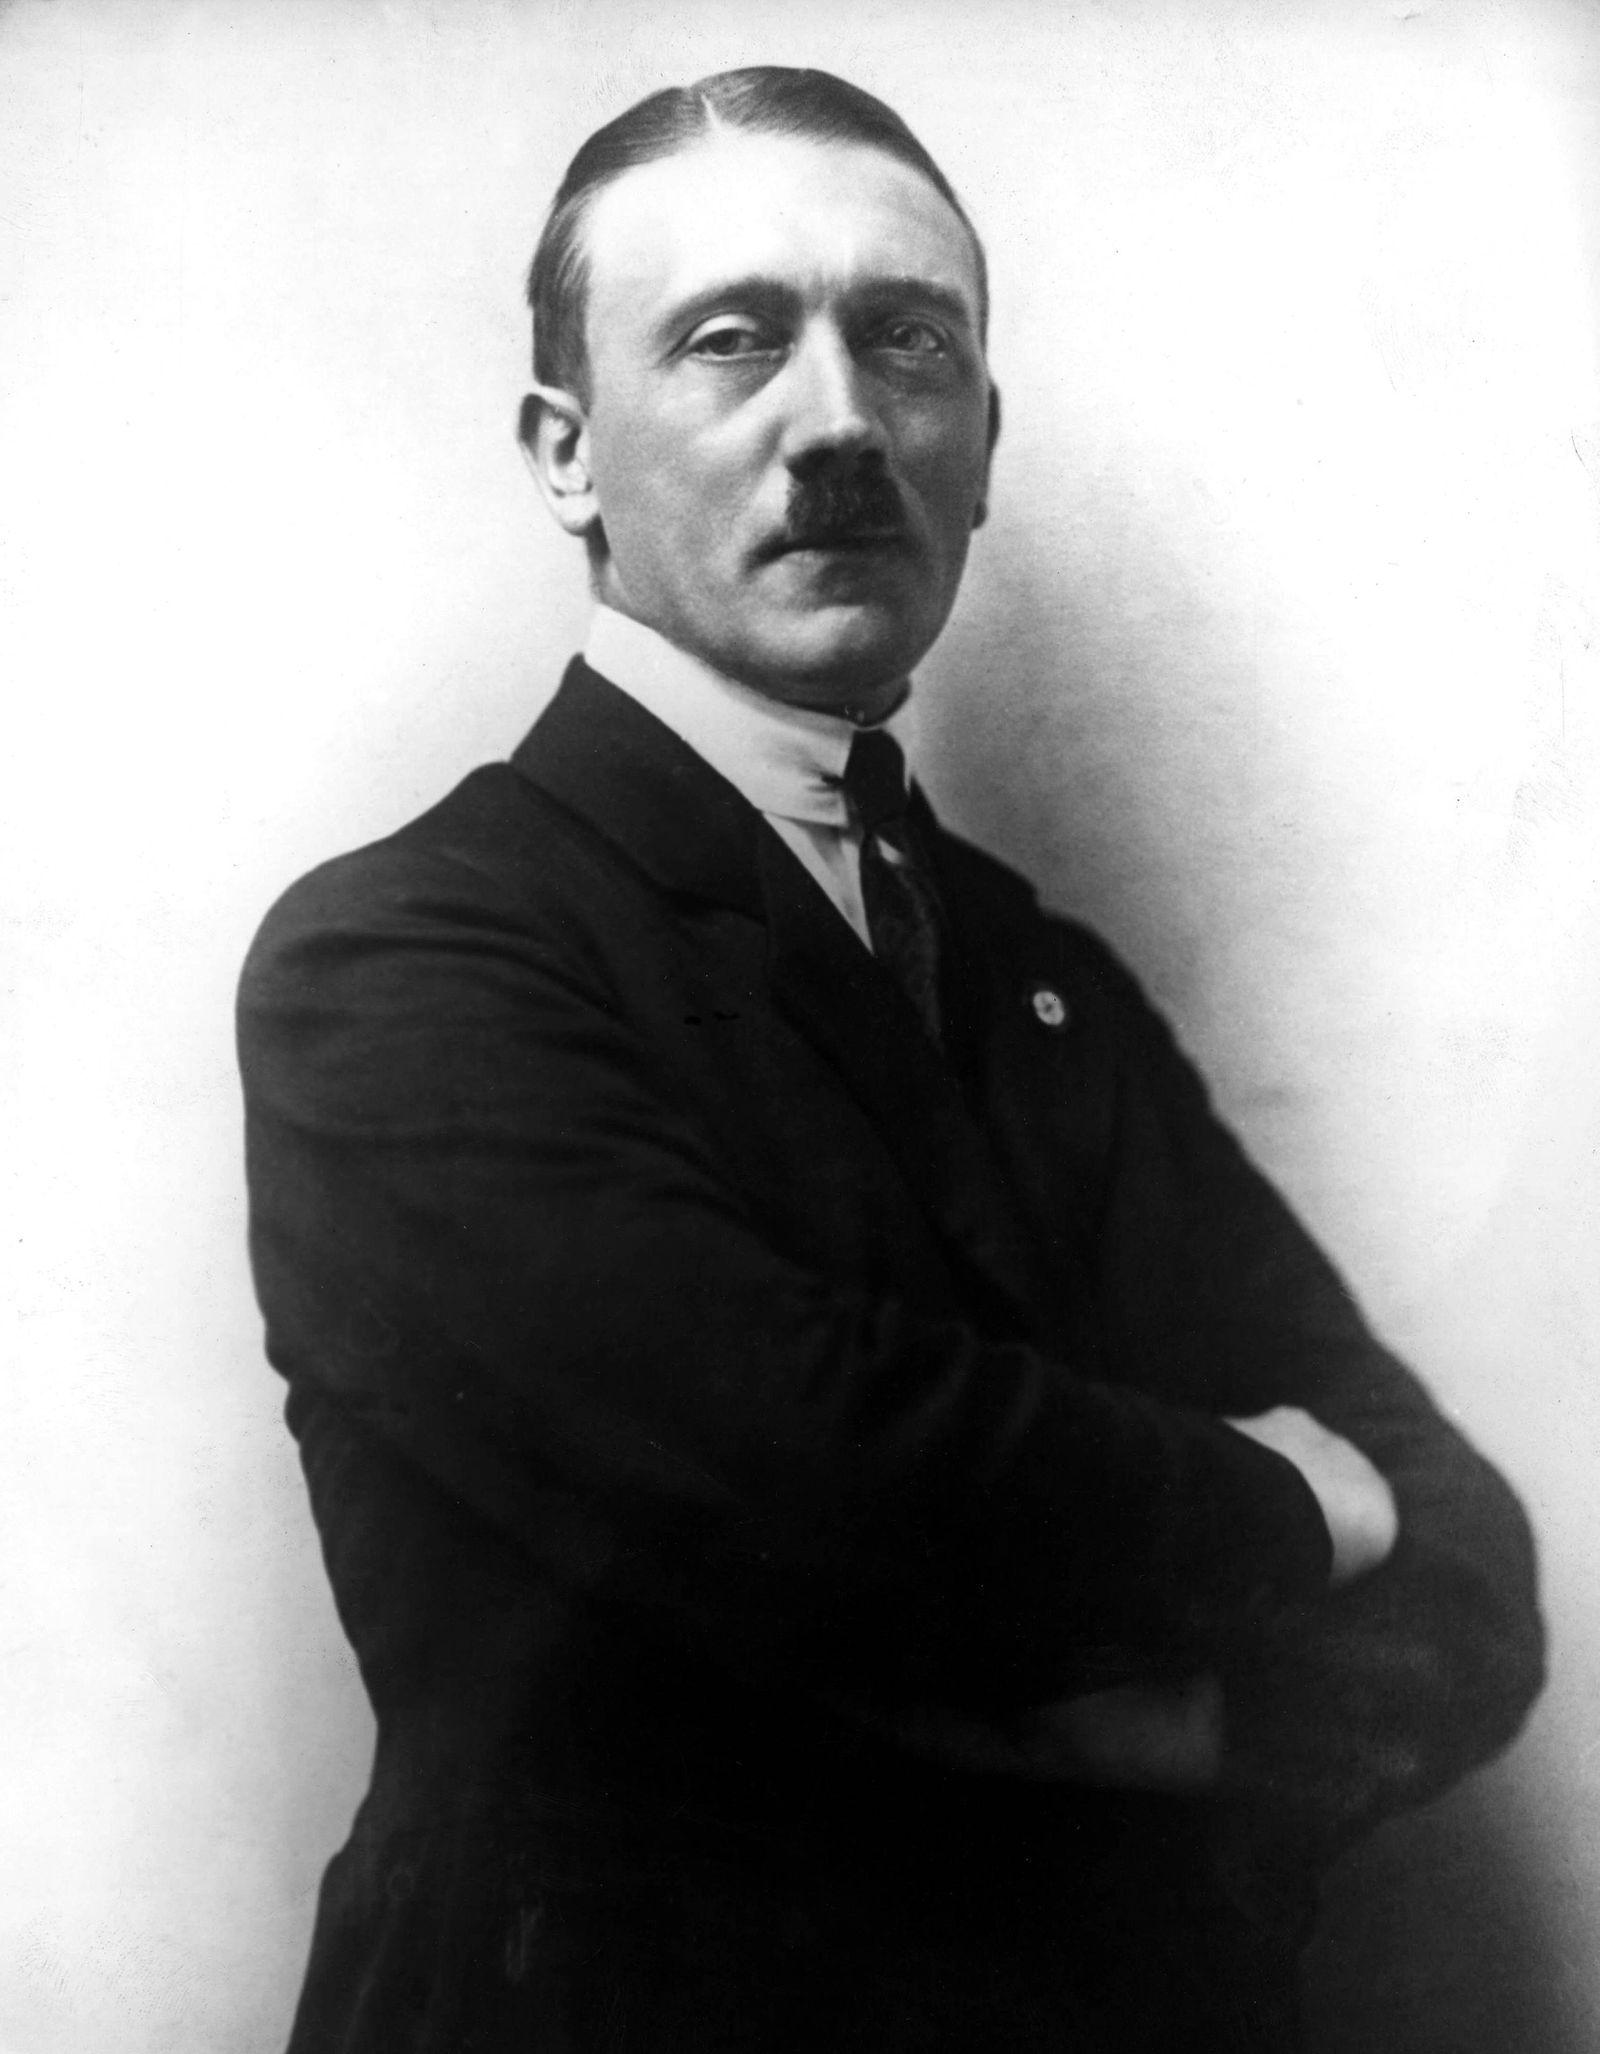 Apr 11 1921 Berlin Germany Portrait of Nazi leader ADOLF HITLER in 1921 Berlin Germany PUBLI